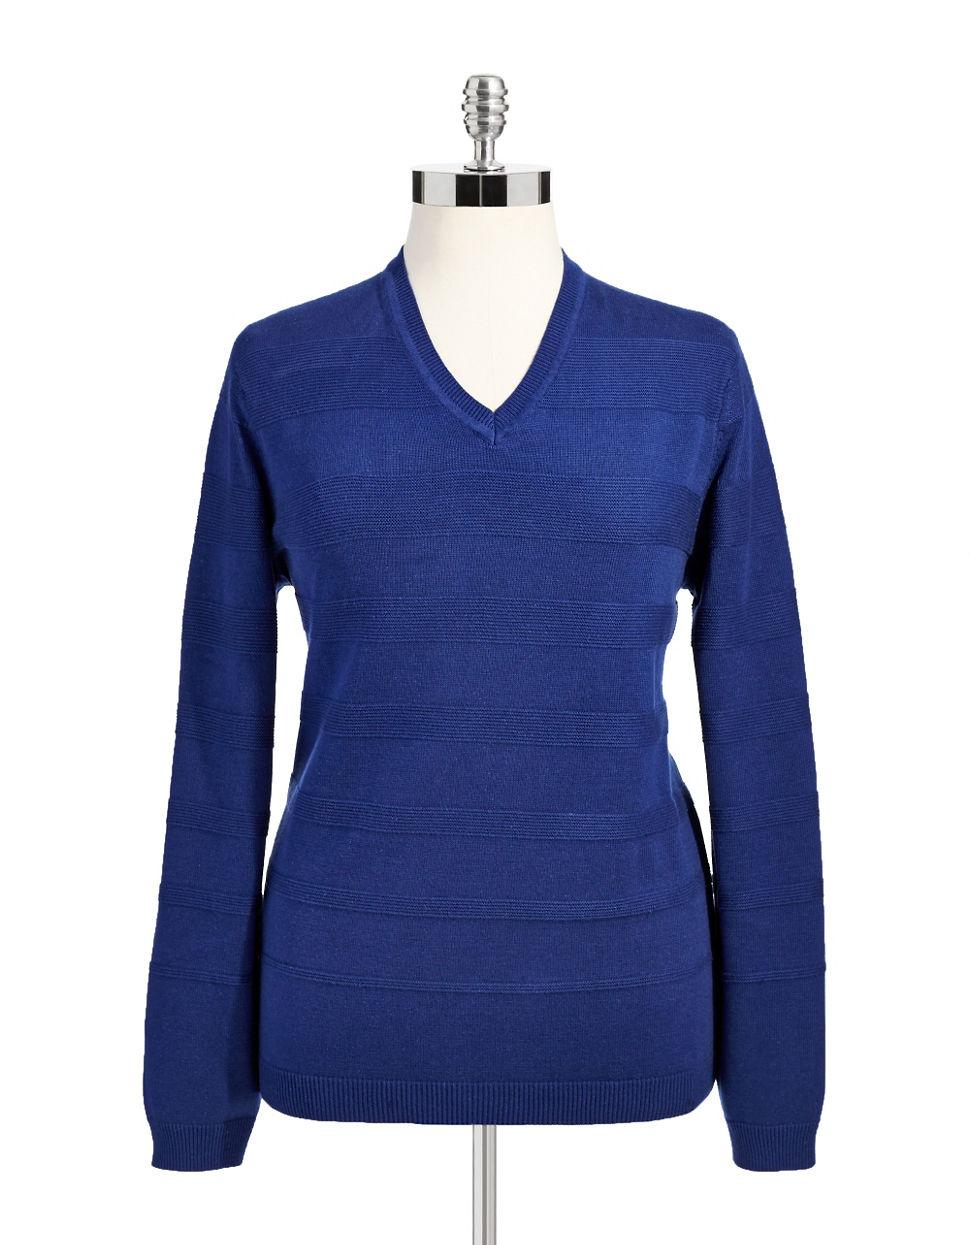 calvin klein striped v neck sweater in blue lyst. Black Bedroom Furniture Sets. Home Design Ideas